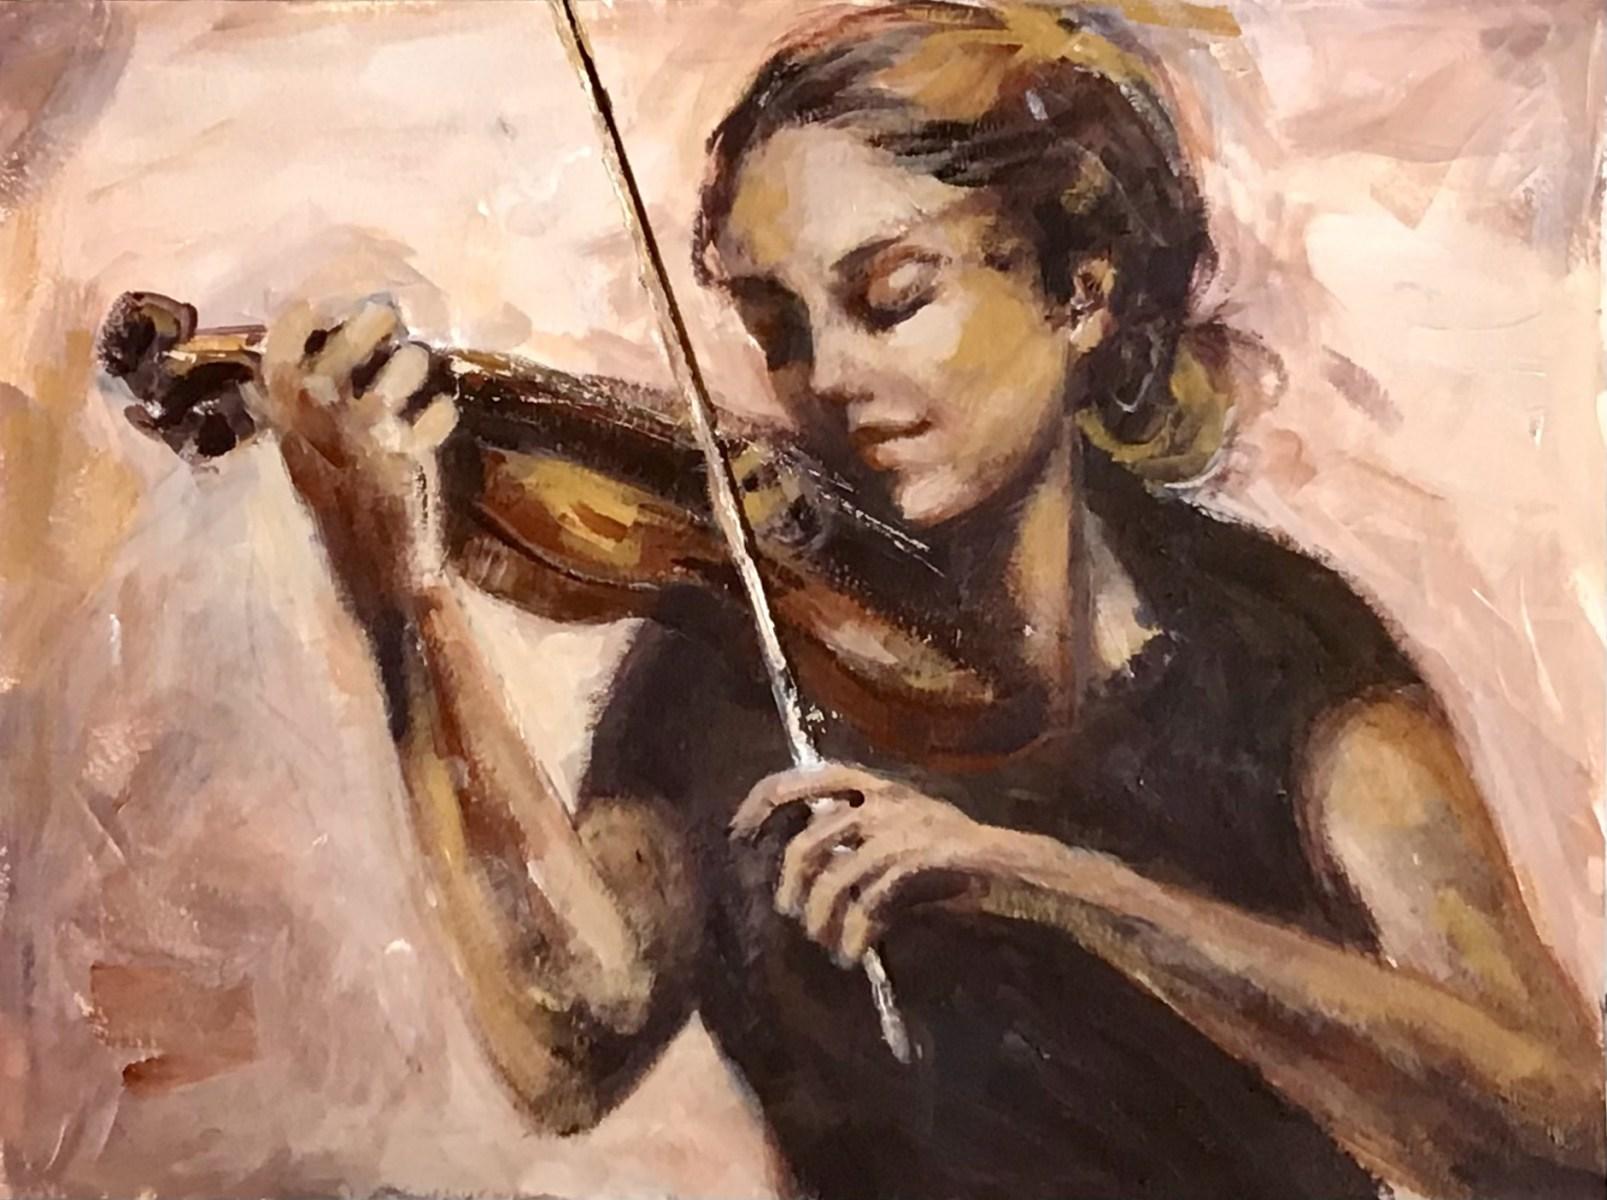 MUSICIAN IN MONOCHROME